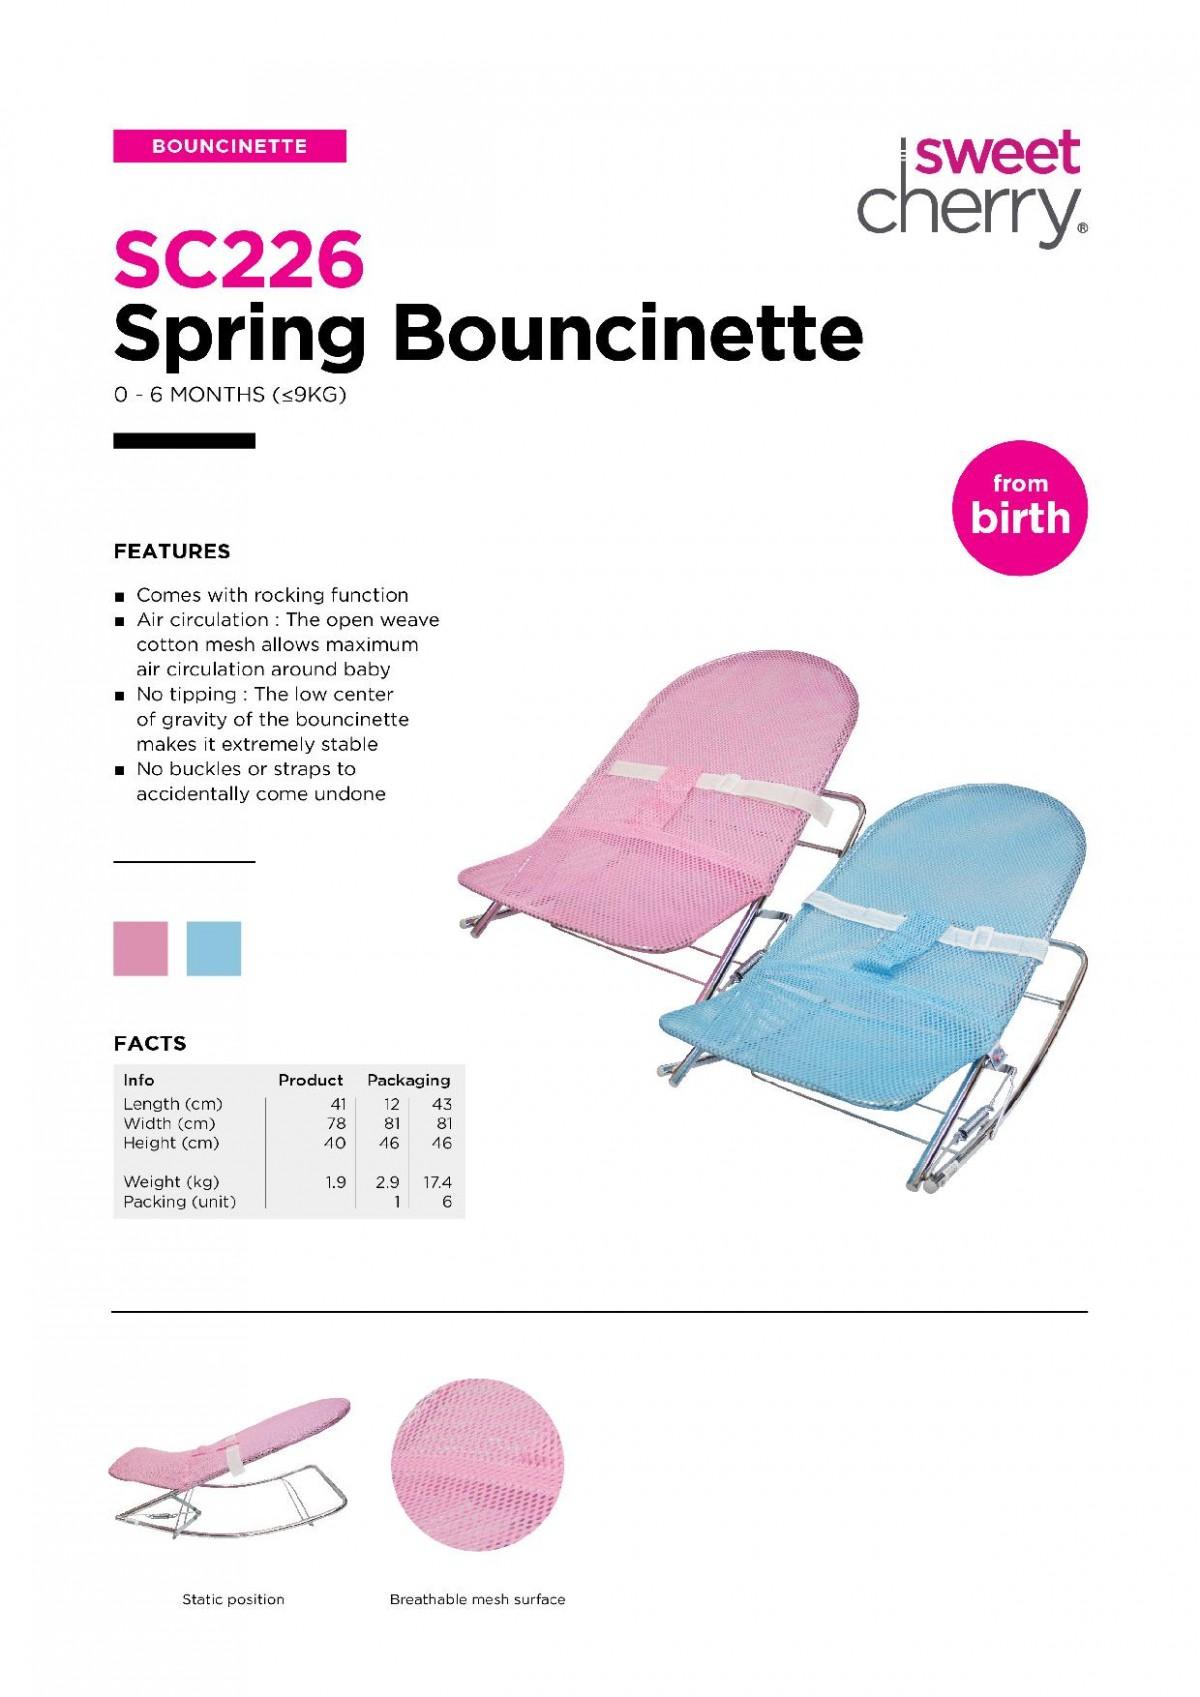 Spg.Bouncinette(201) - Kico Baby Center